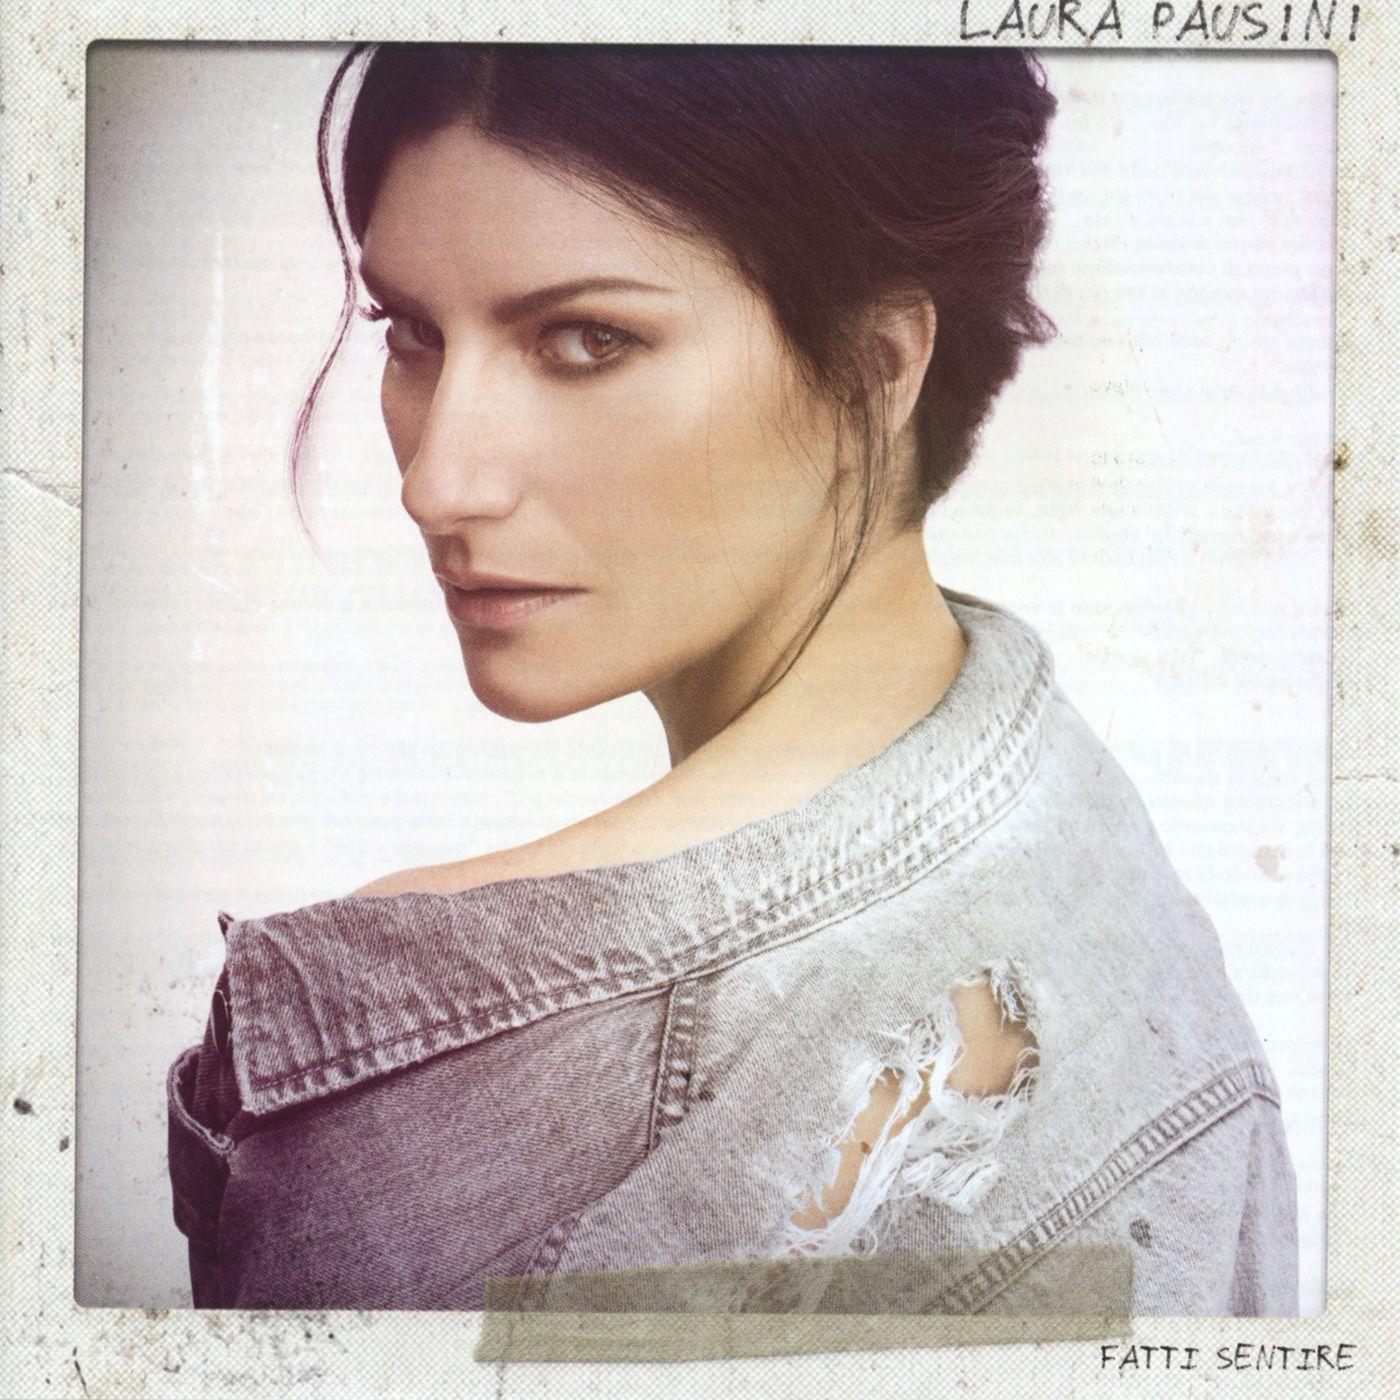 Laura Pausini - Fatti Sentire album cover